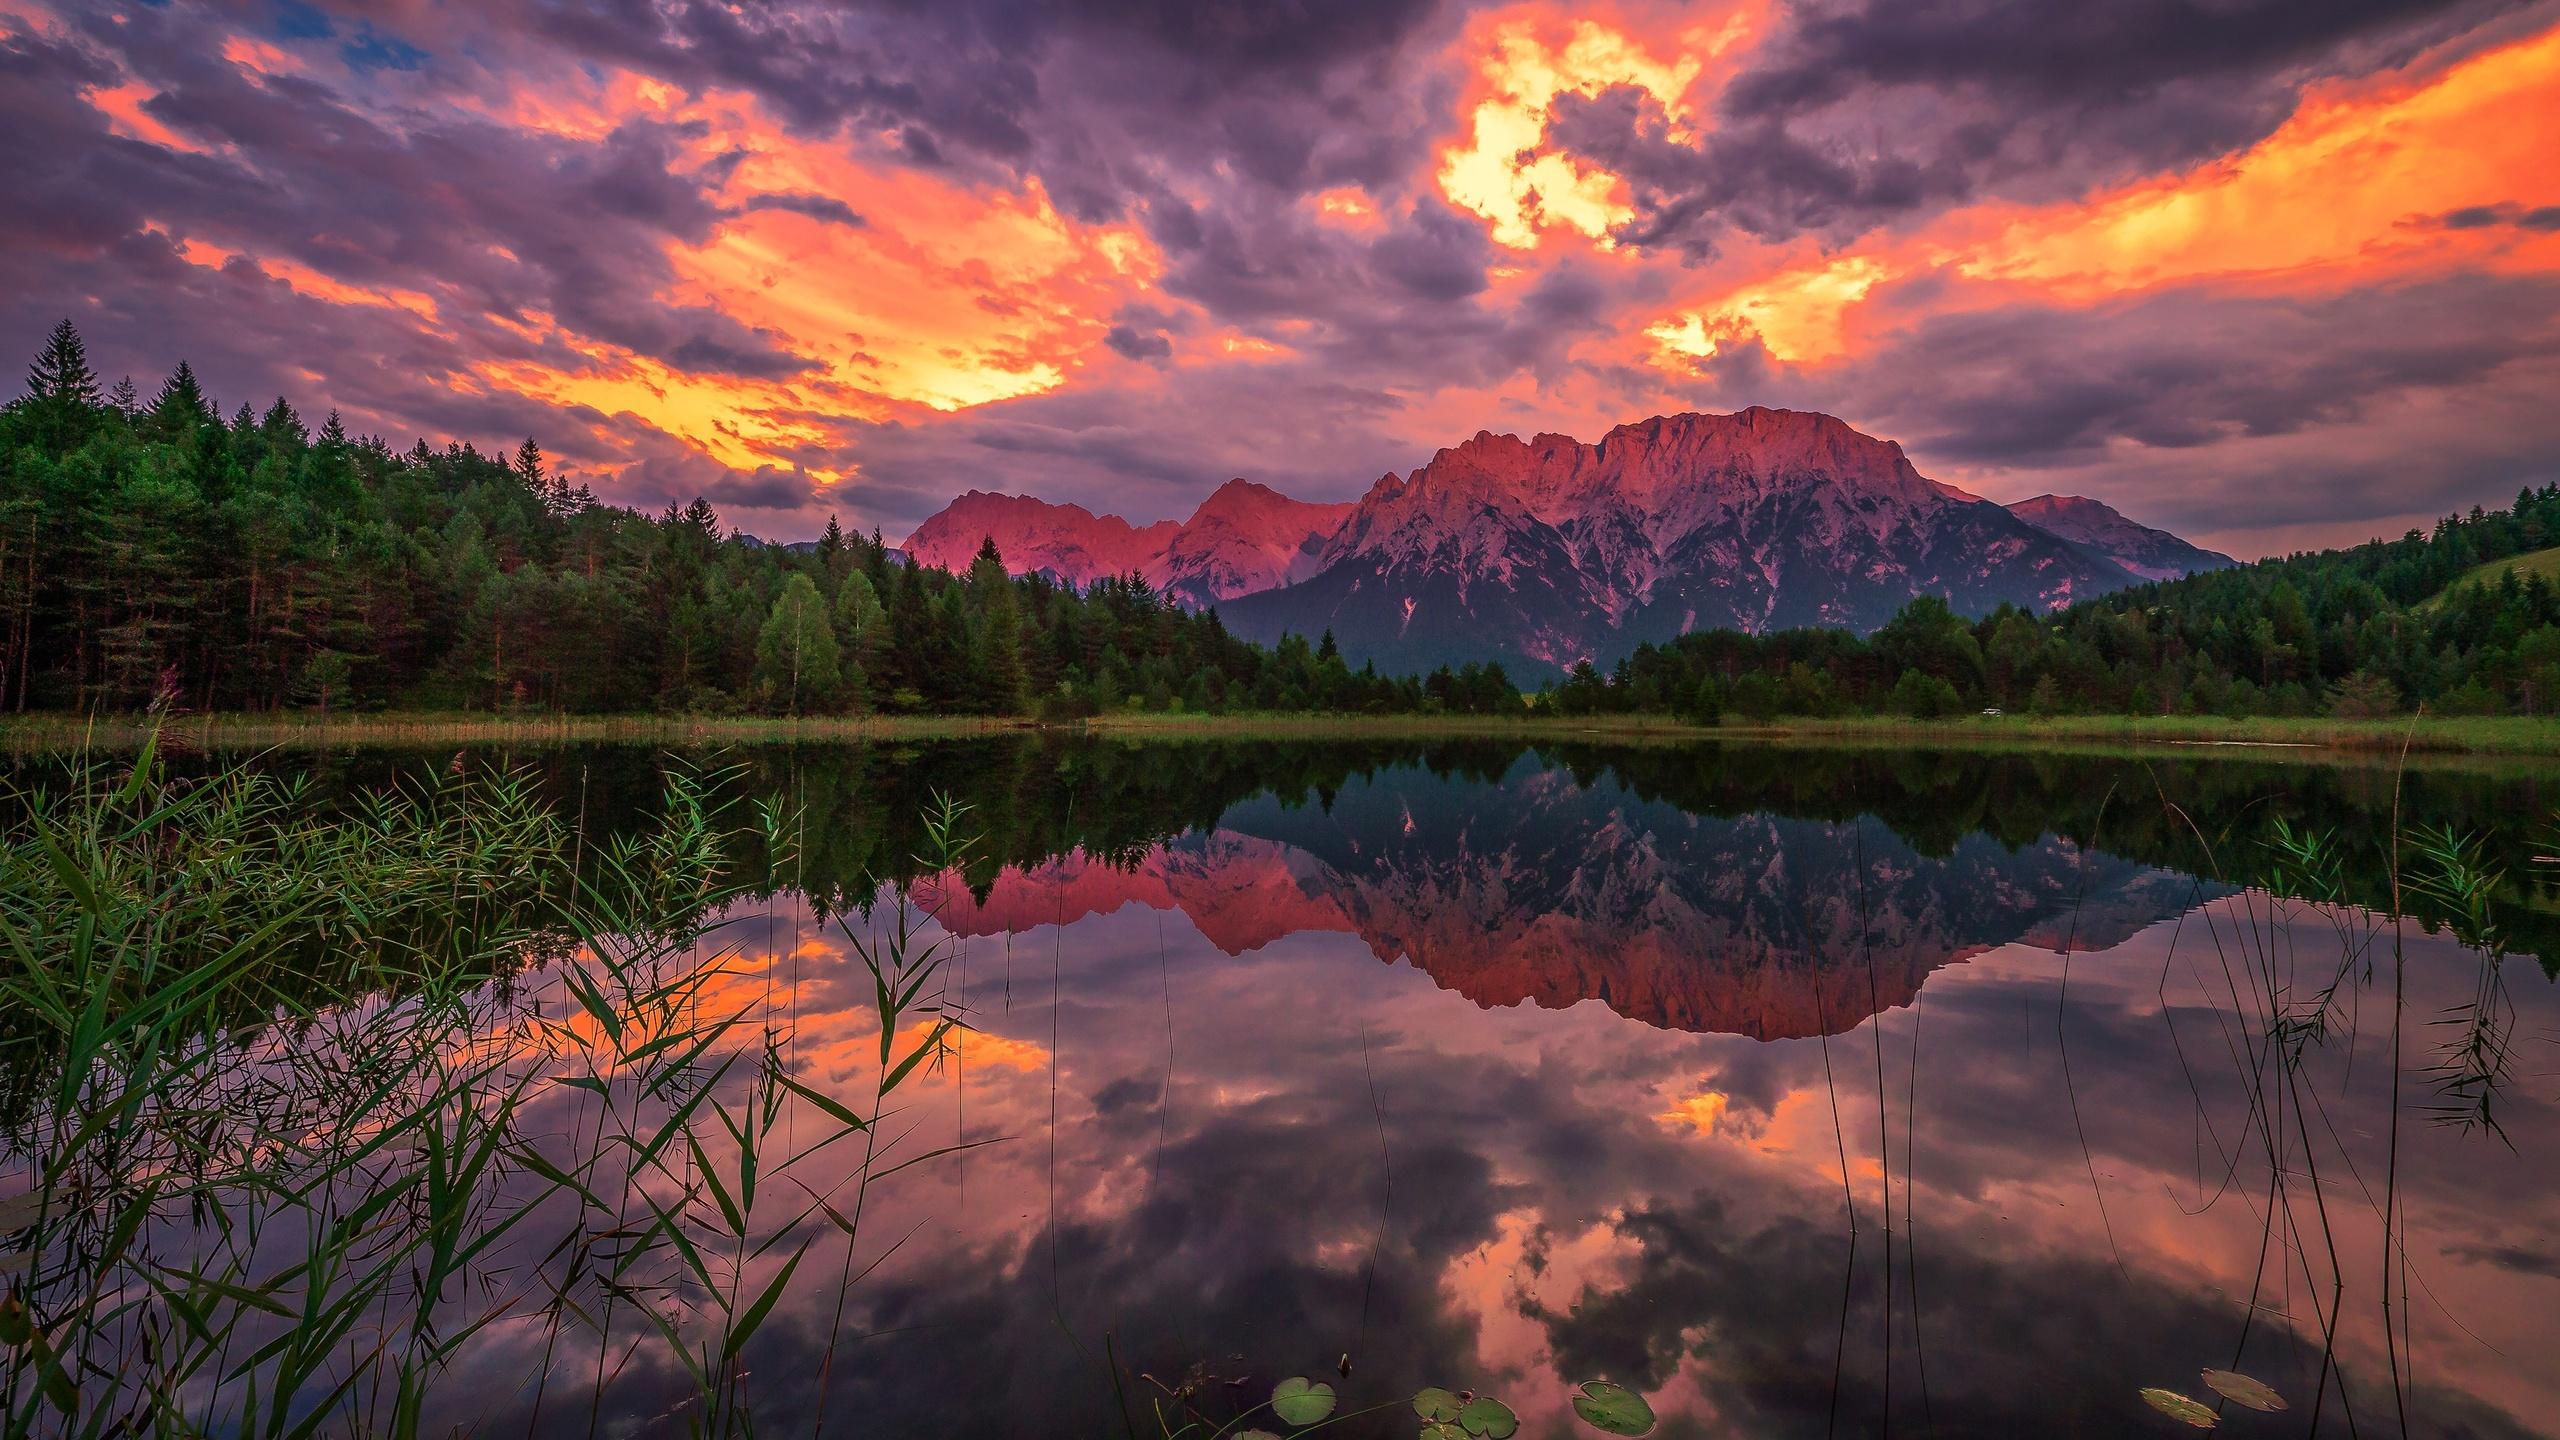 лес, небо, облака, горы, отражение, берег, вершины, вечер, водоем